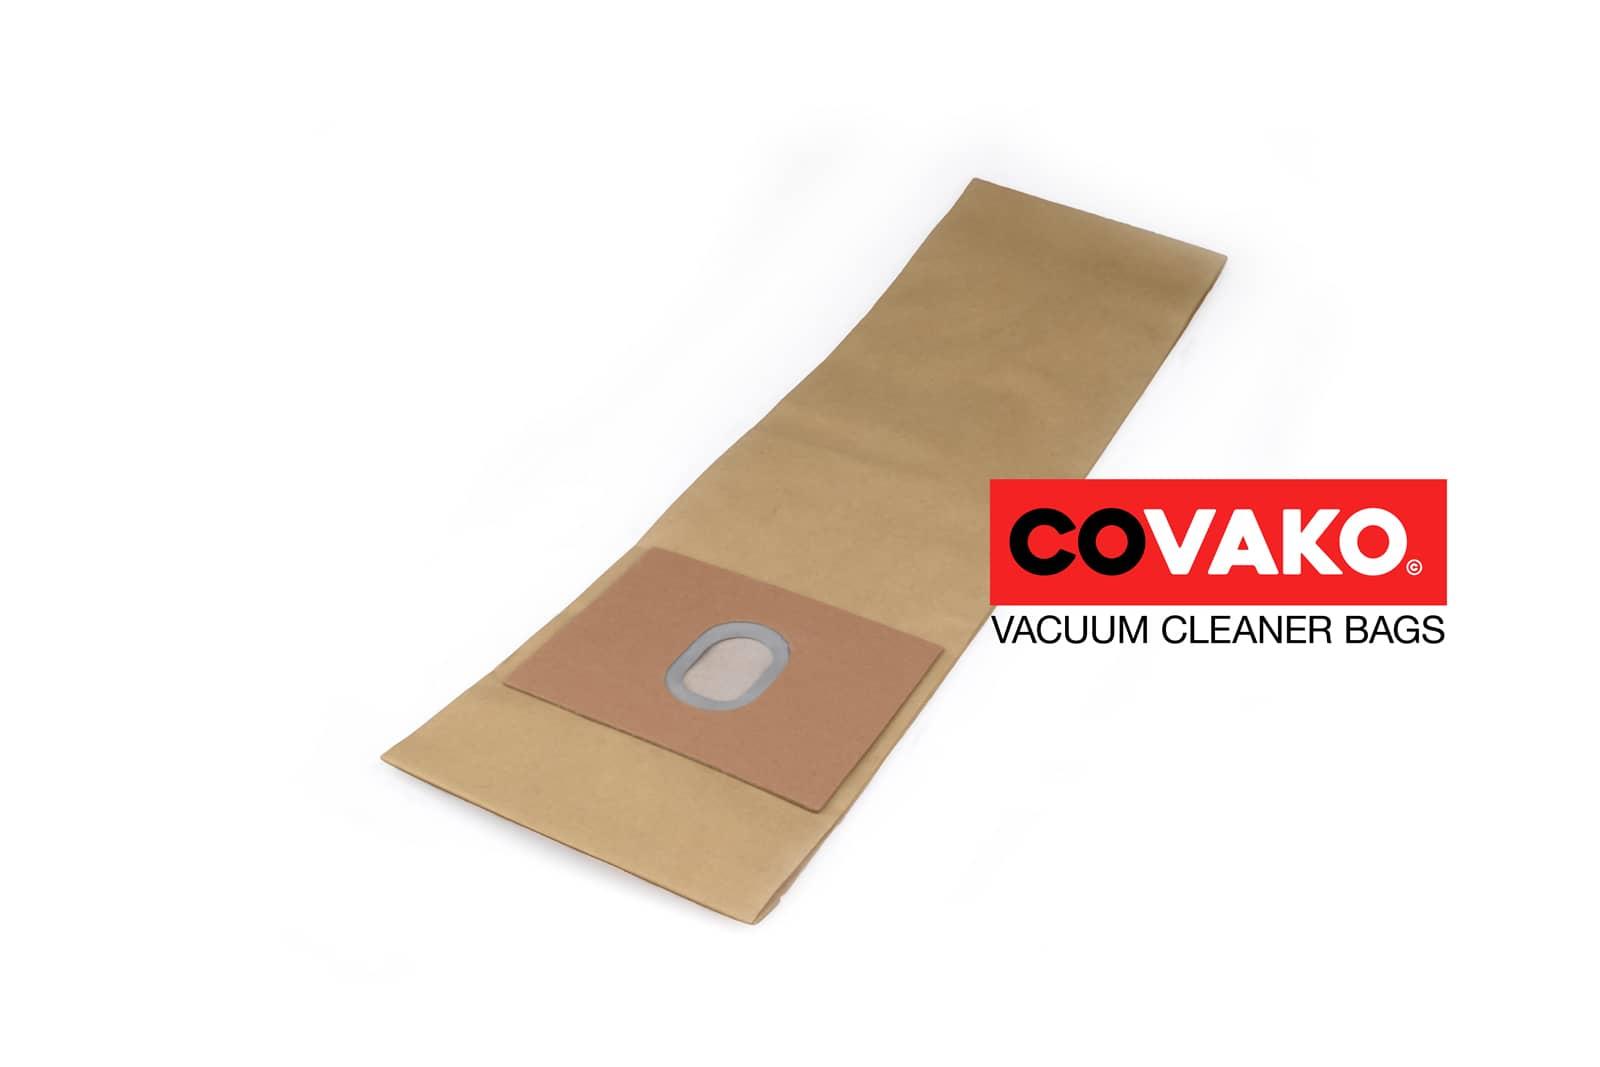 Fakir 171 / Papier - Fakir sacs d'aspirateur